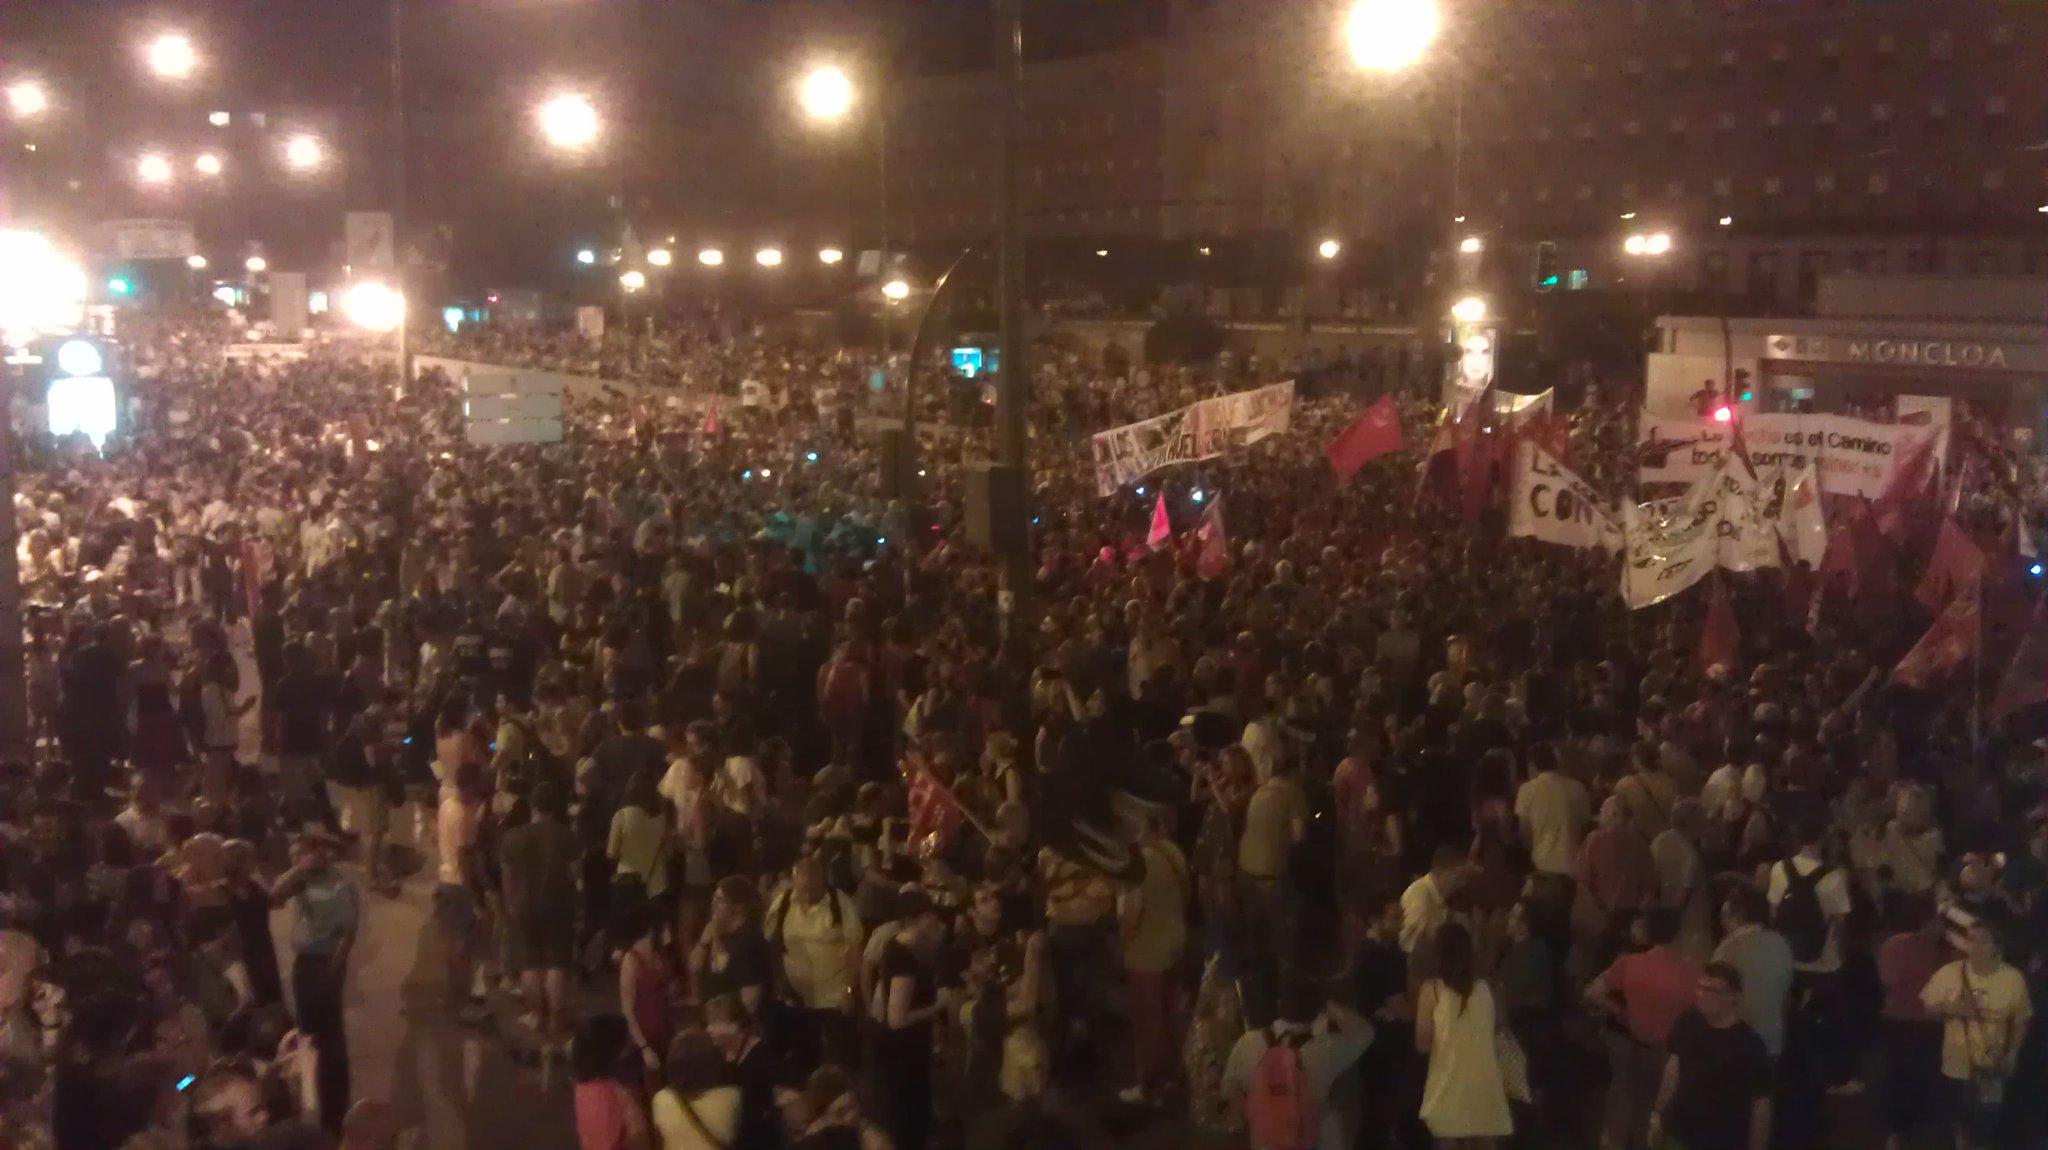 '@LuisWSev: #nocheminera la calle princesa llena de gente hasta donde llega la vista http://t.co/Xc3C3Vhg'